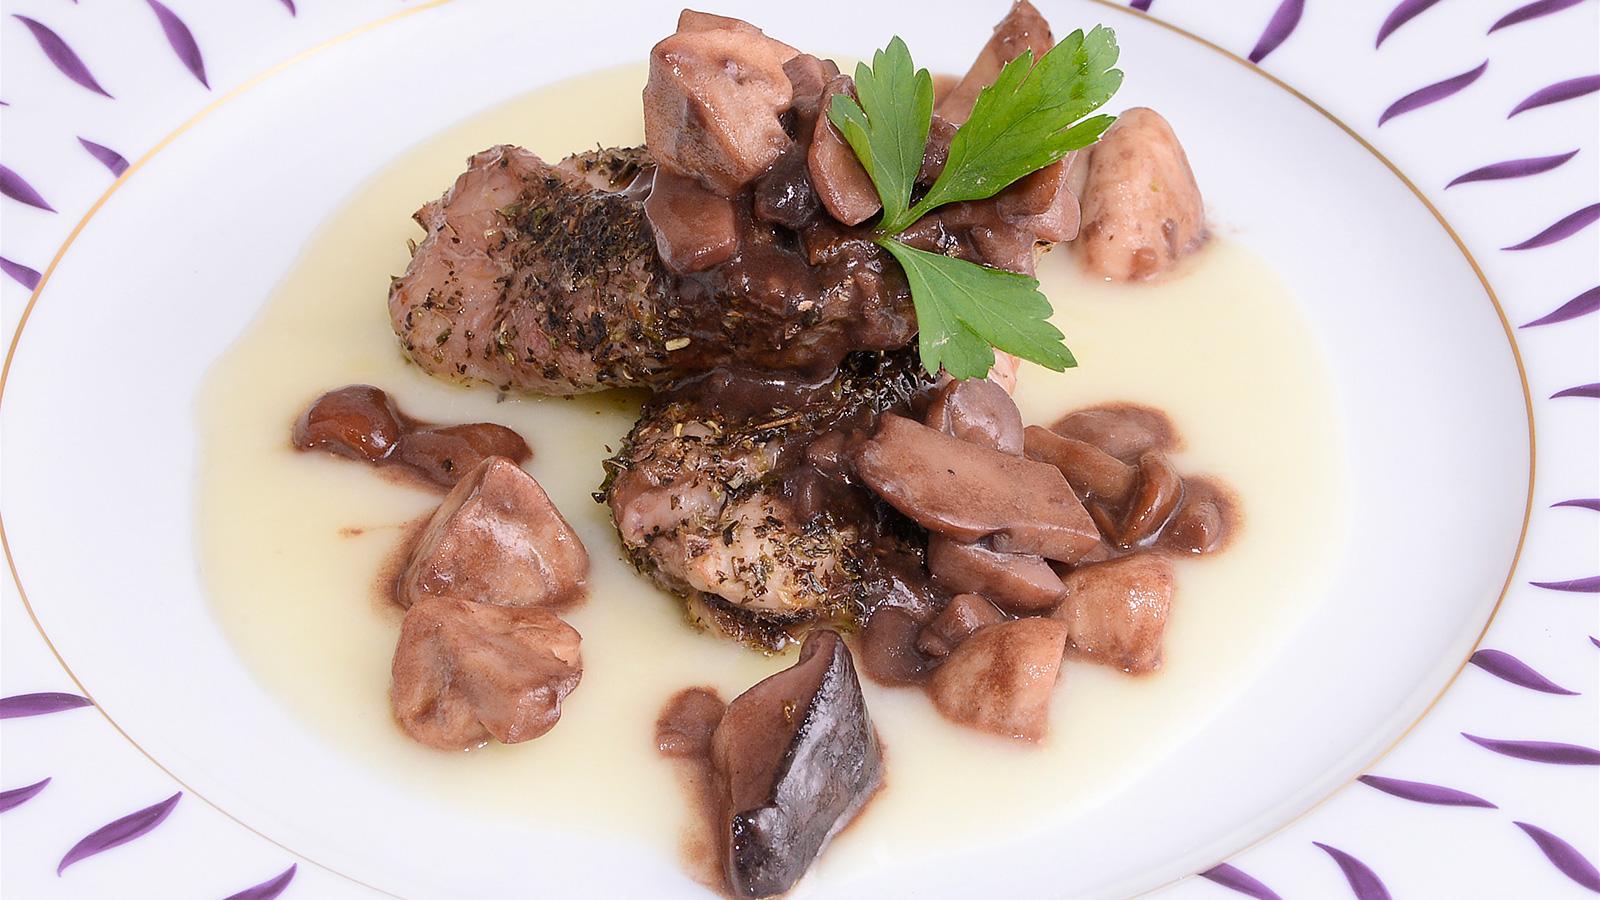 Conejo con setas y pur de manzana diana cabrera receta canal cocina - Diana cabrera canal cocina ...